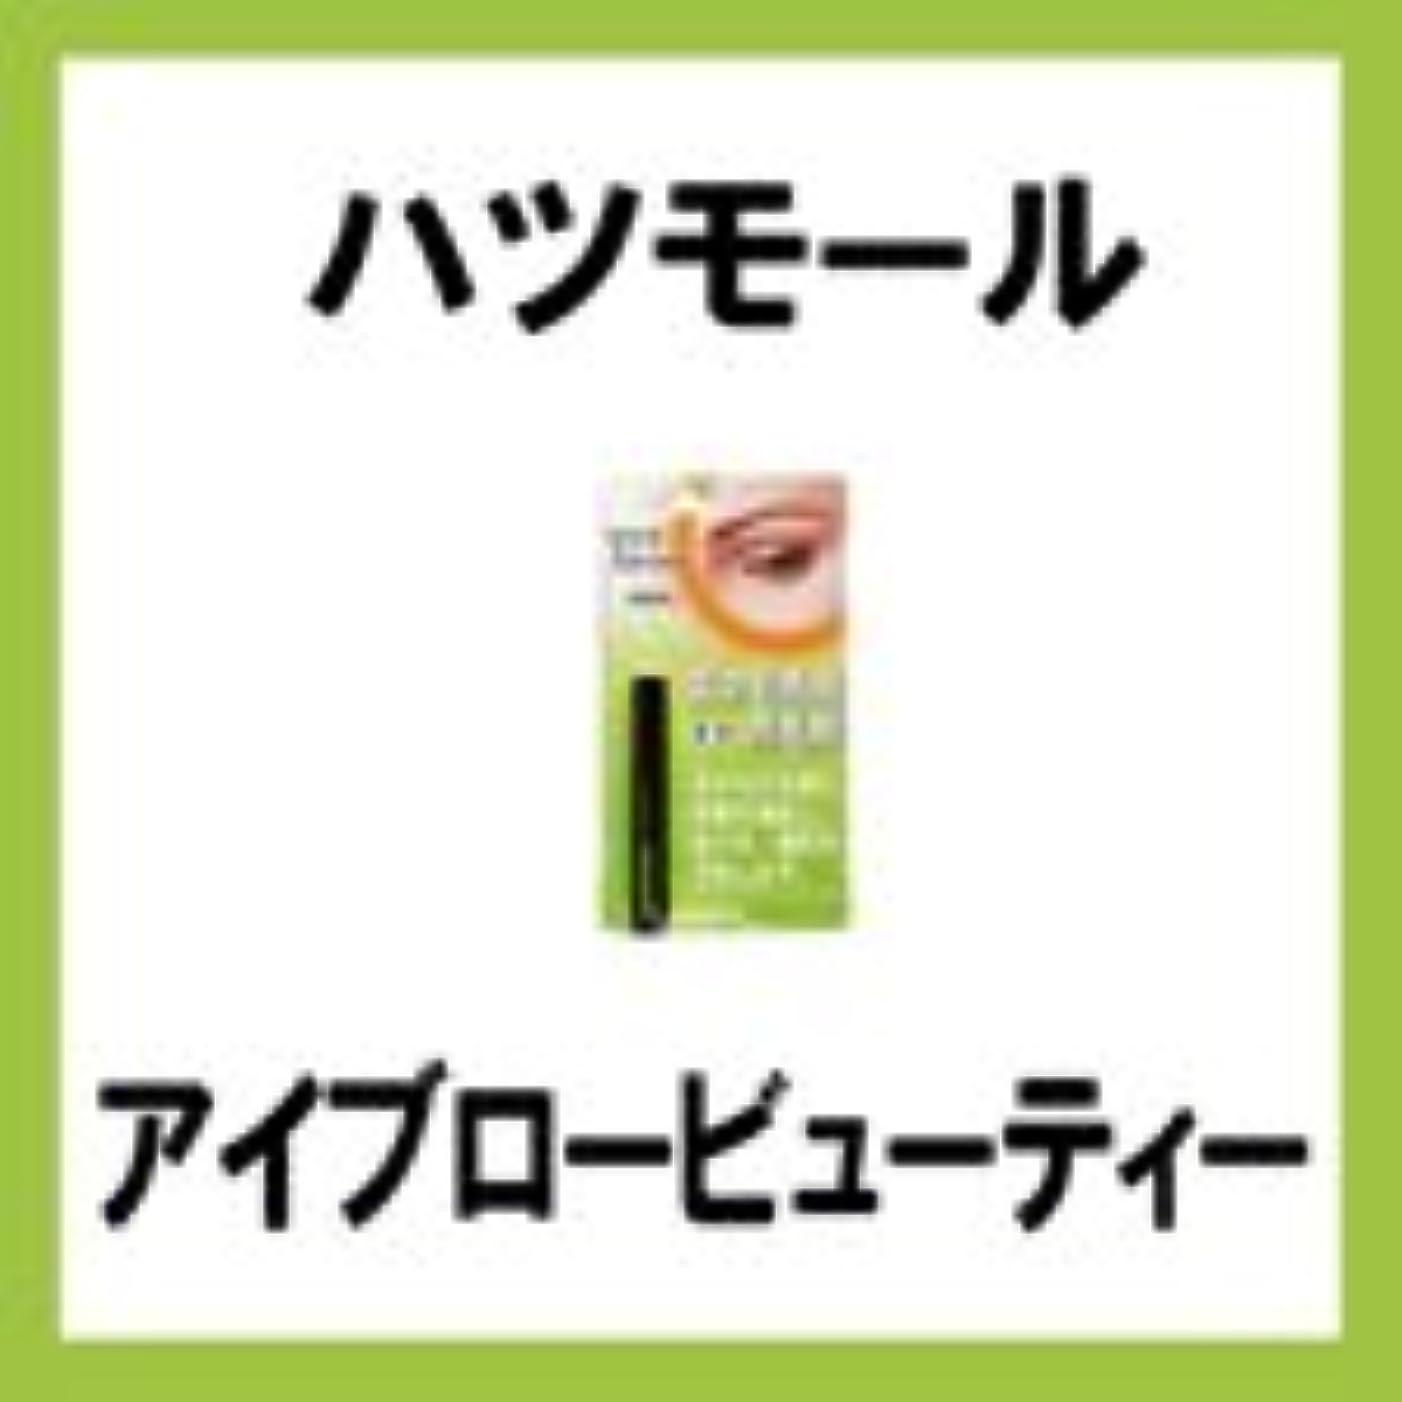 読書患者交換可能ハツモール アイブロービューティー 6ml 【田村治照堂】